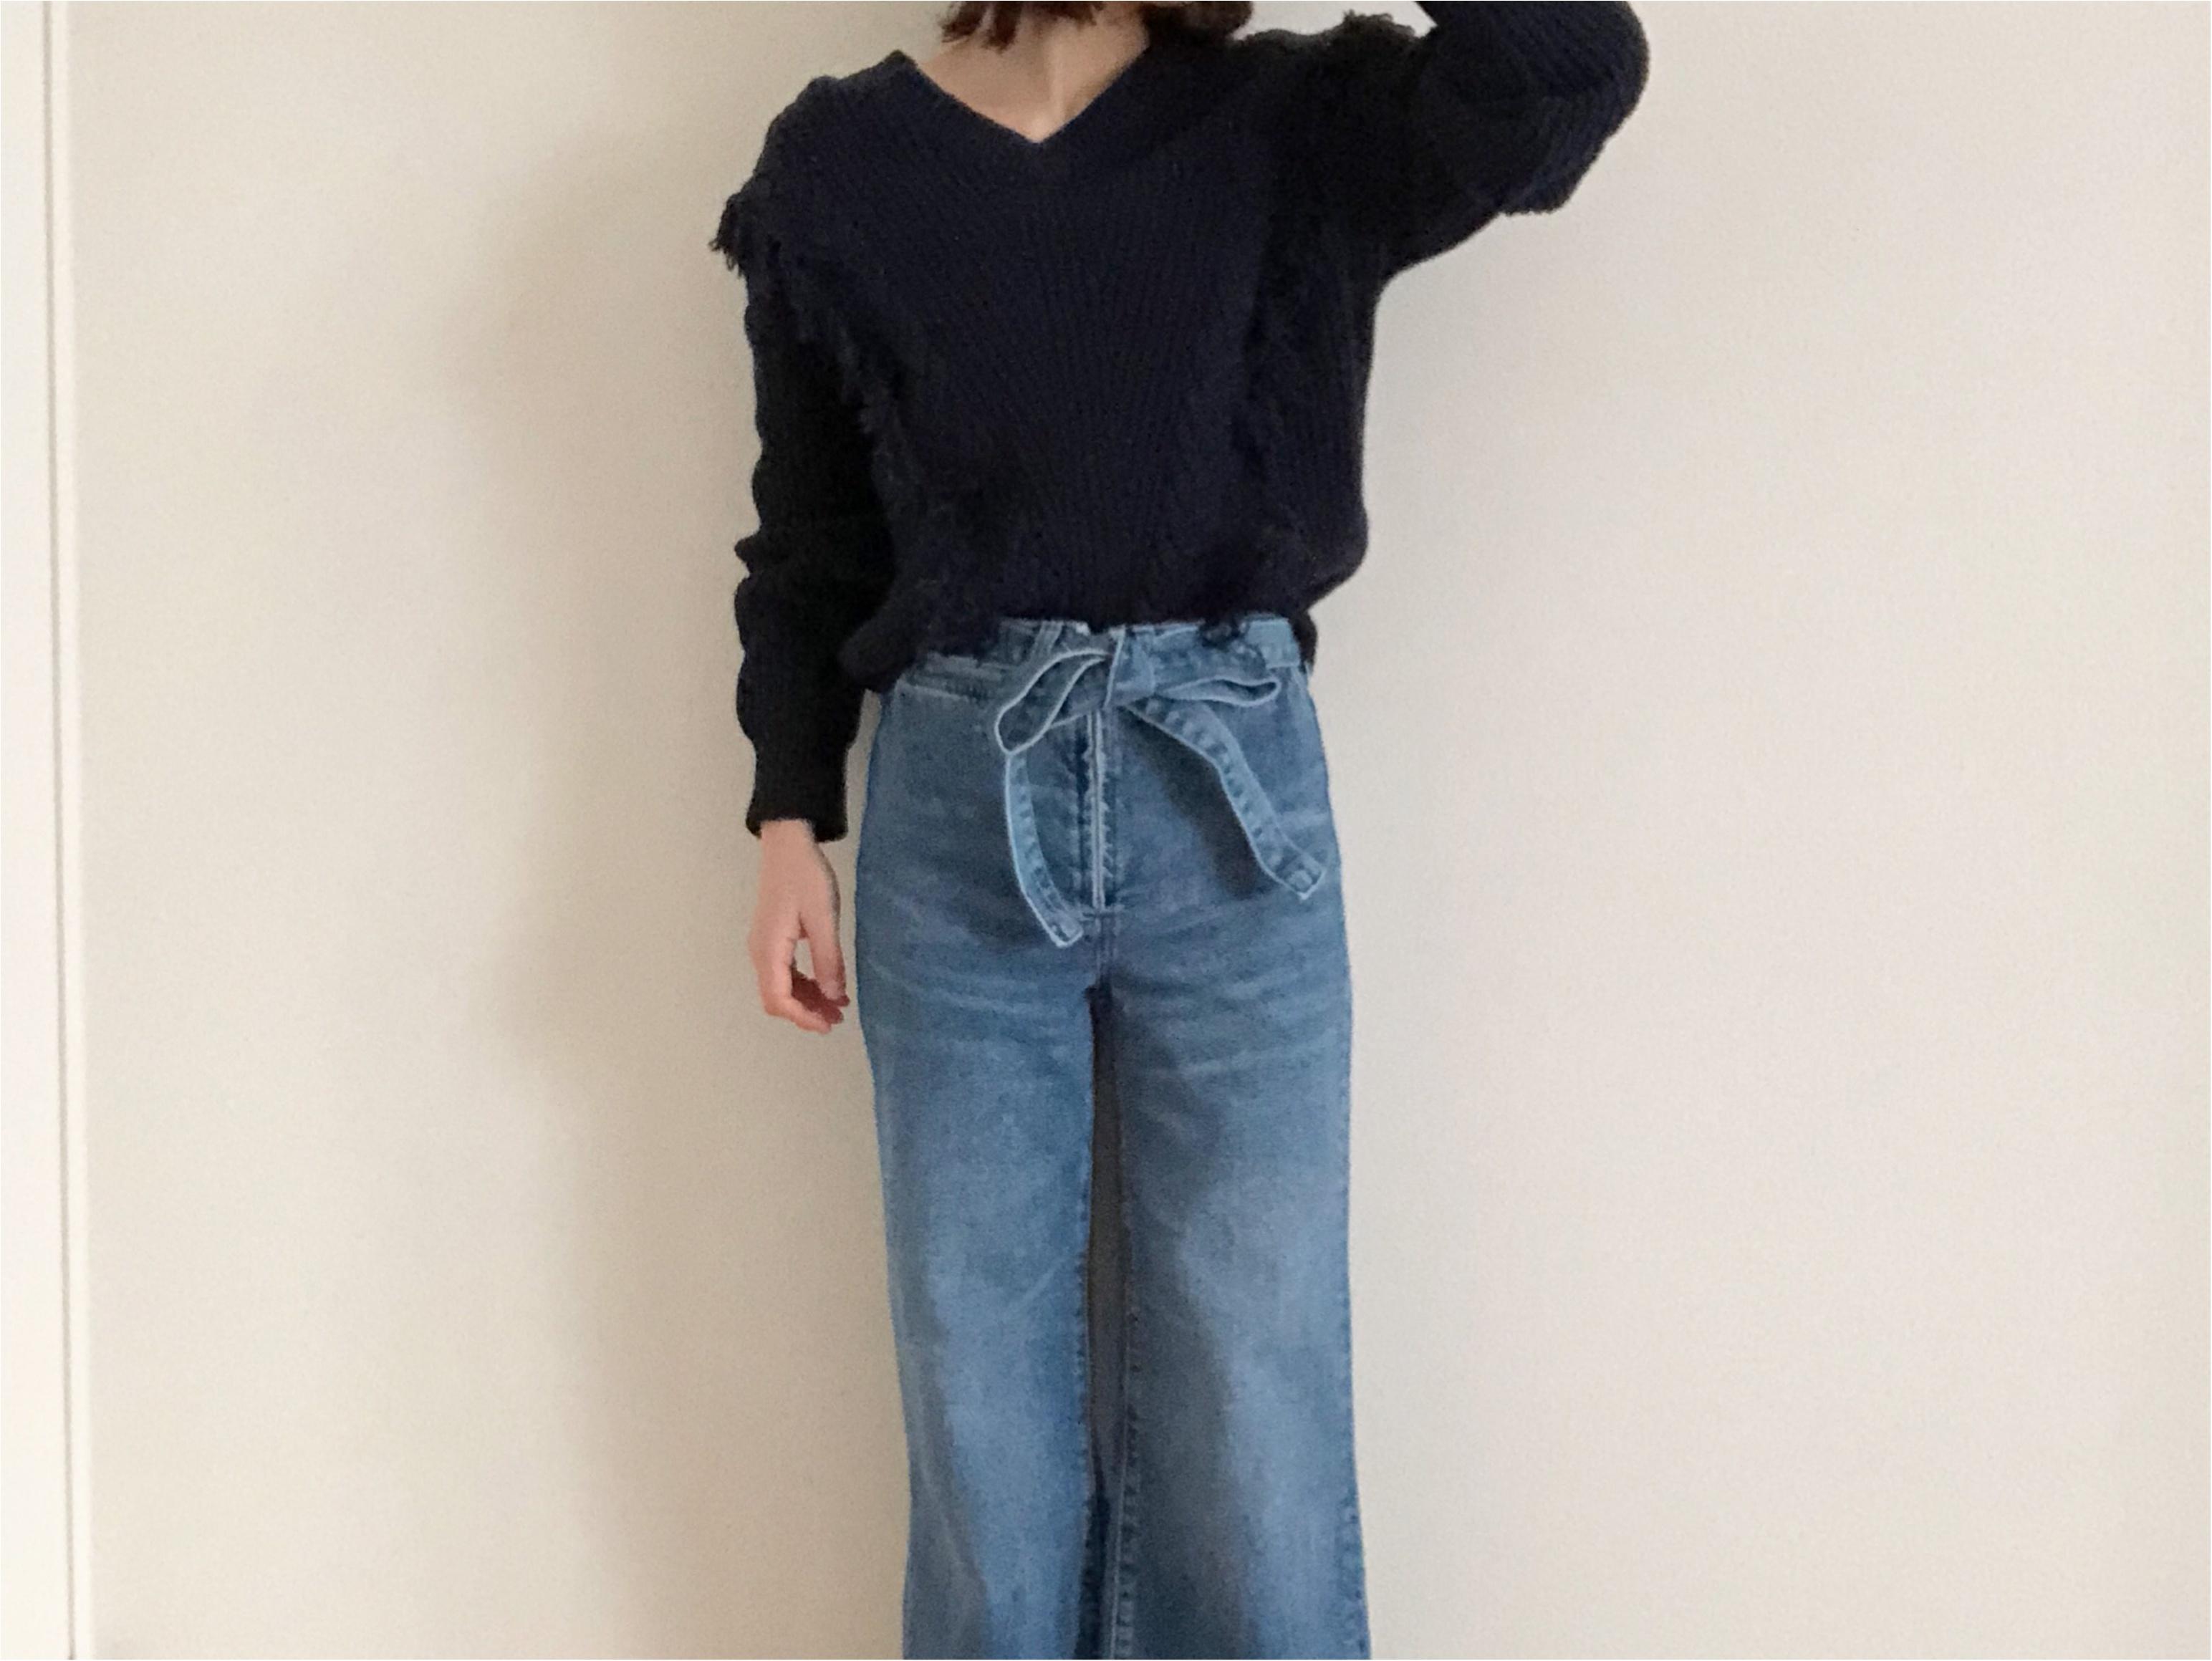 早めの春服は〈プチプラ〉で!H&Mはトップスもデニムも可愛いので、早めにGETしておきましょう!そして、この時期要チェックなおすすめショップも合わせてご紹介!_3